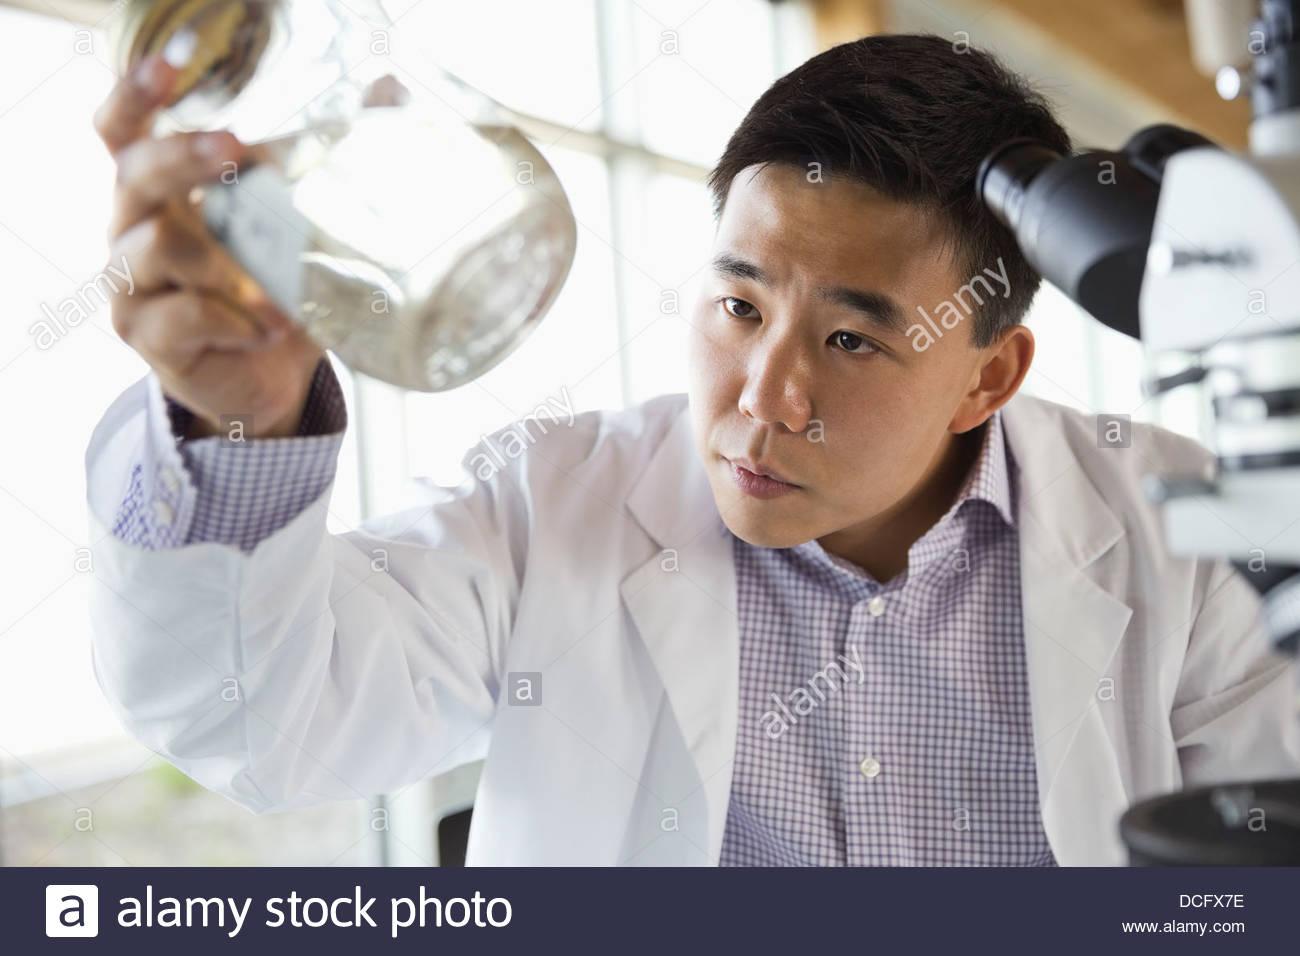 Il tecnico analizzando i campioni di acqua Immagini Stock